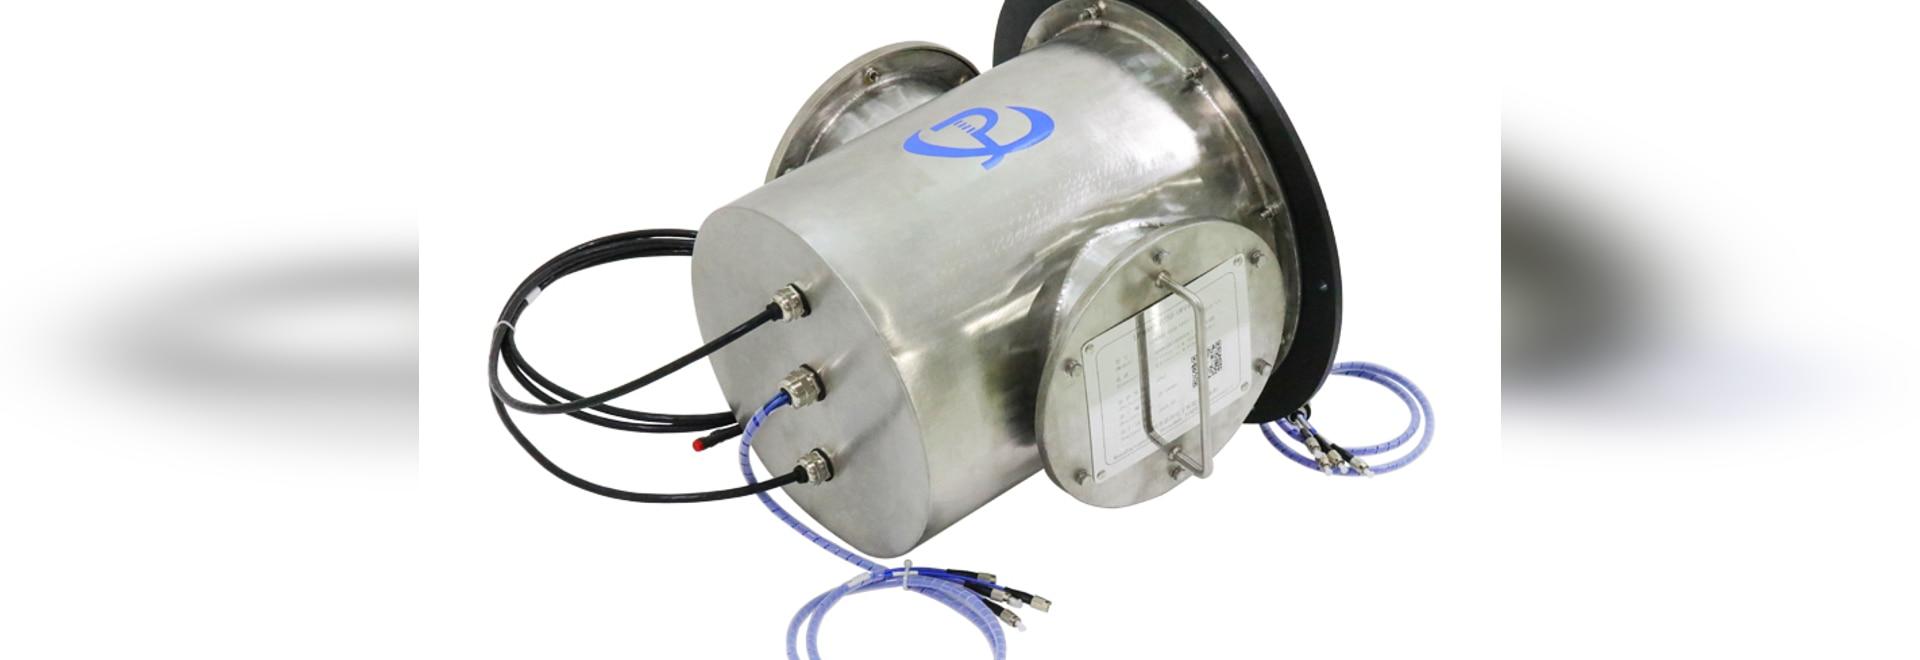 voltaje de funcionamiento 4000V